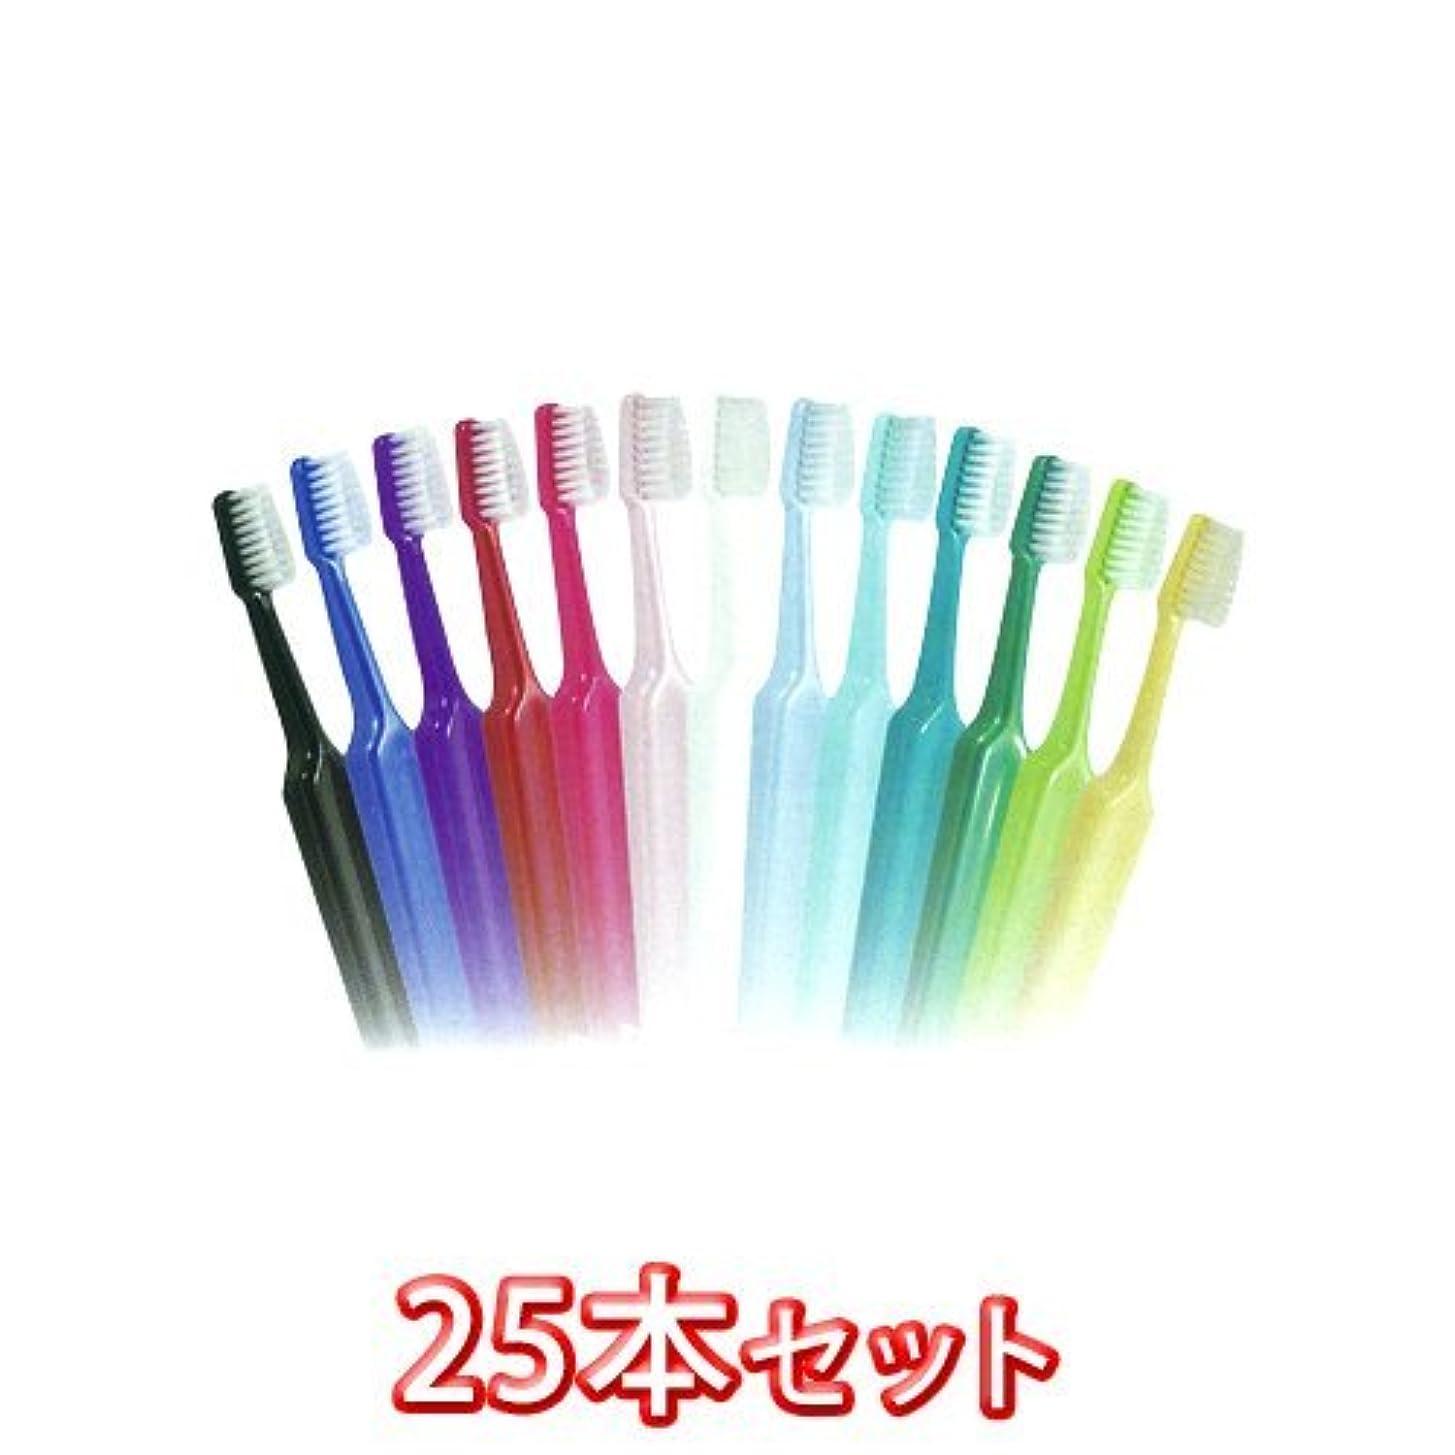 温かい国内の挨拶TePeテペセレクトコンパクト歯ブラシ 25本(コンパクトエクストラソフト)